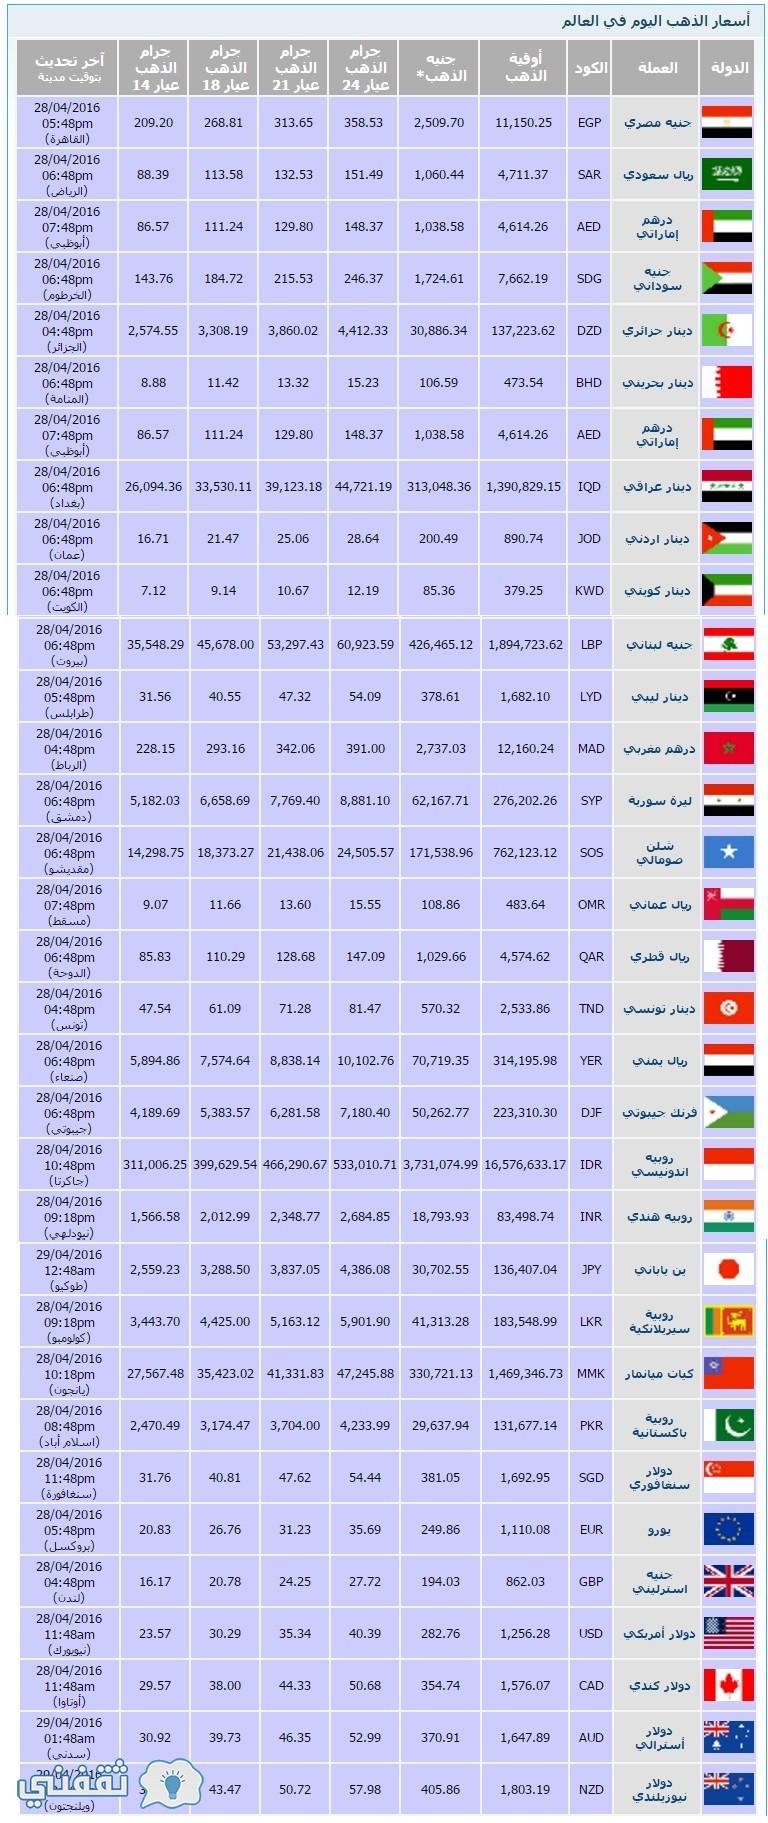 أسعار الذهب فى دول العالم اليوم